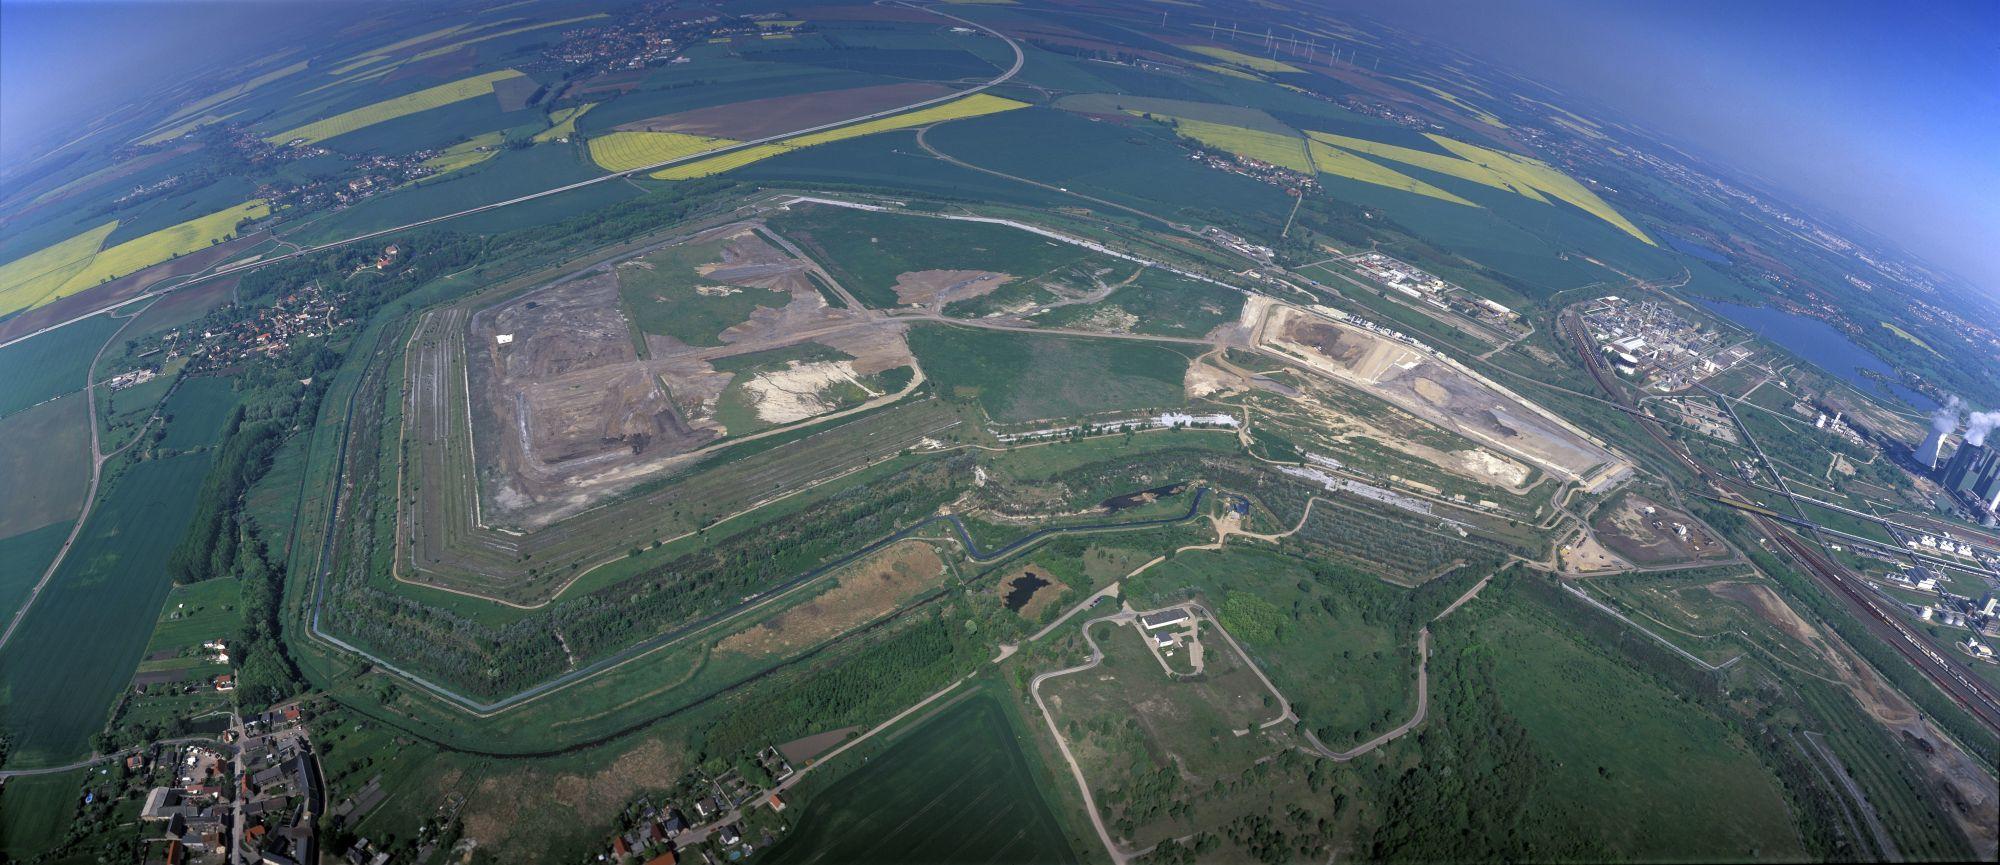 Überblick über die Altdeponie in Schkopau